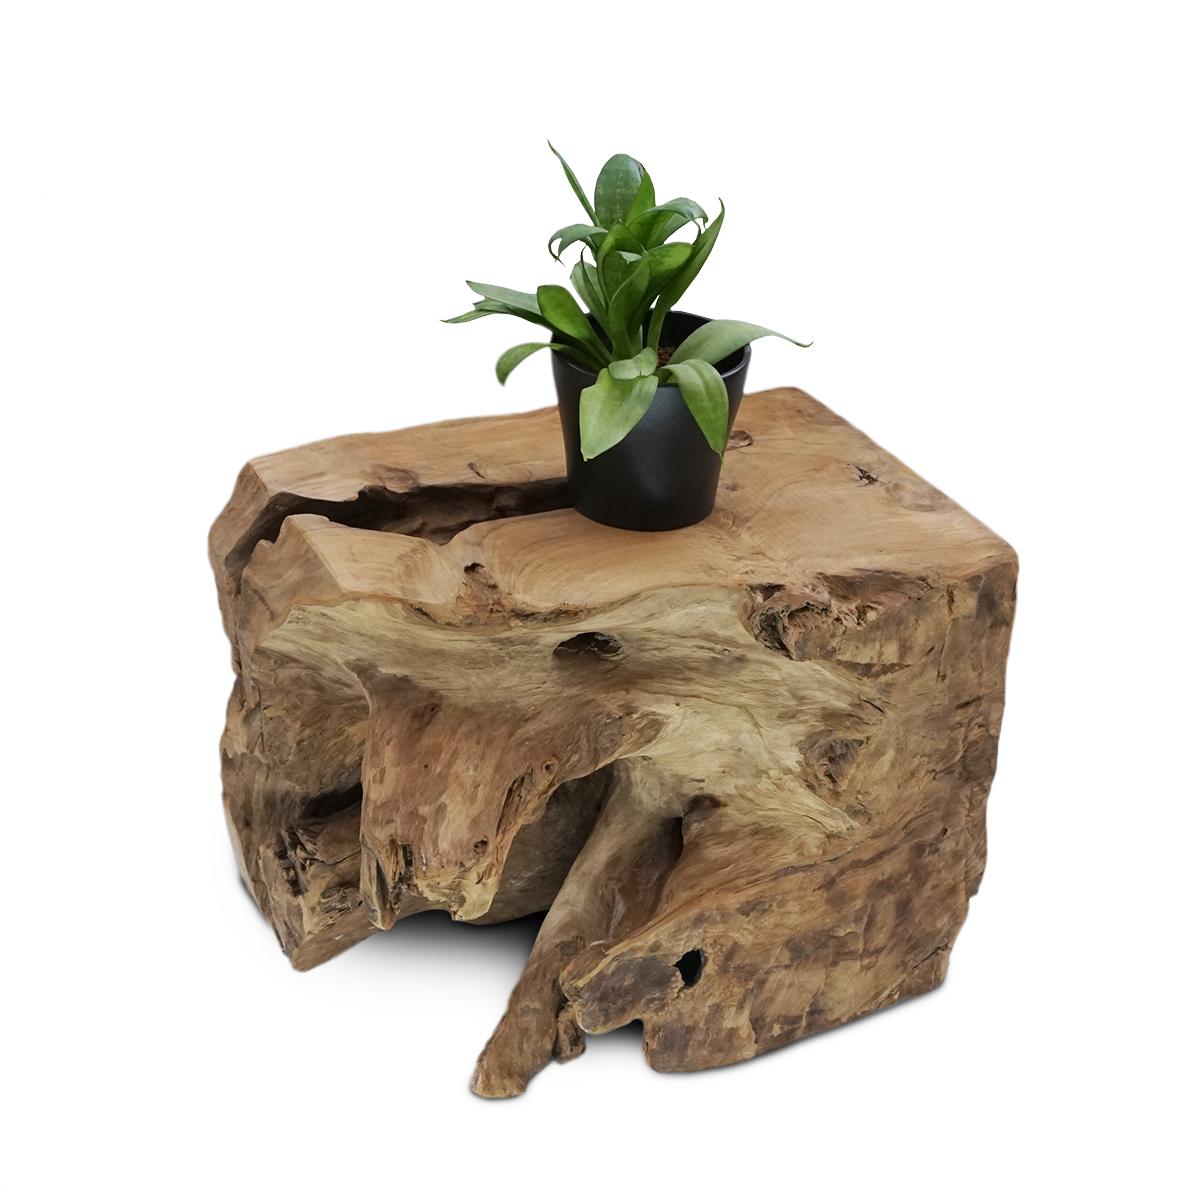 Couchtisch Wohnzimmertisch Natur Block Massiv ca. 40 cm Wurzelholz Teakholz